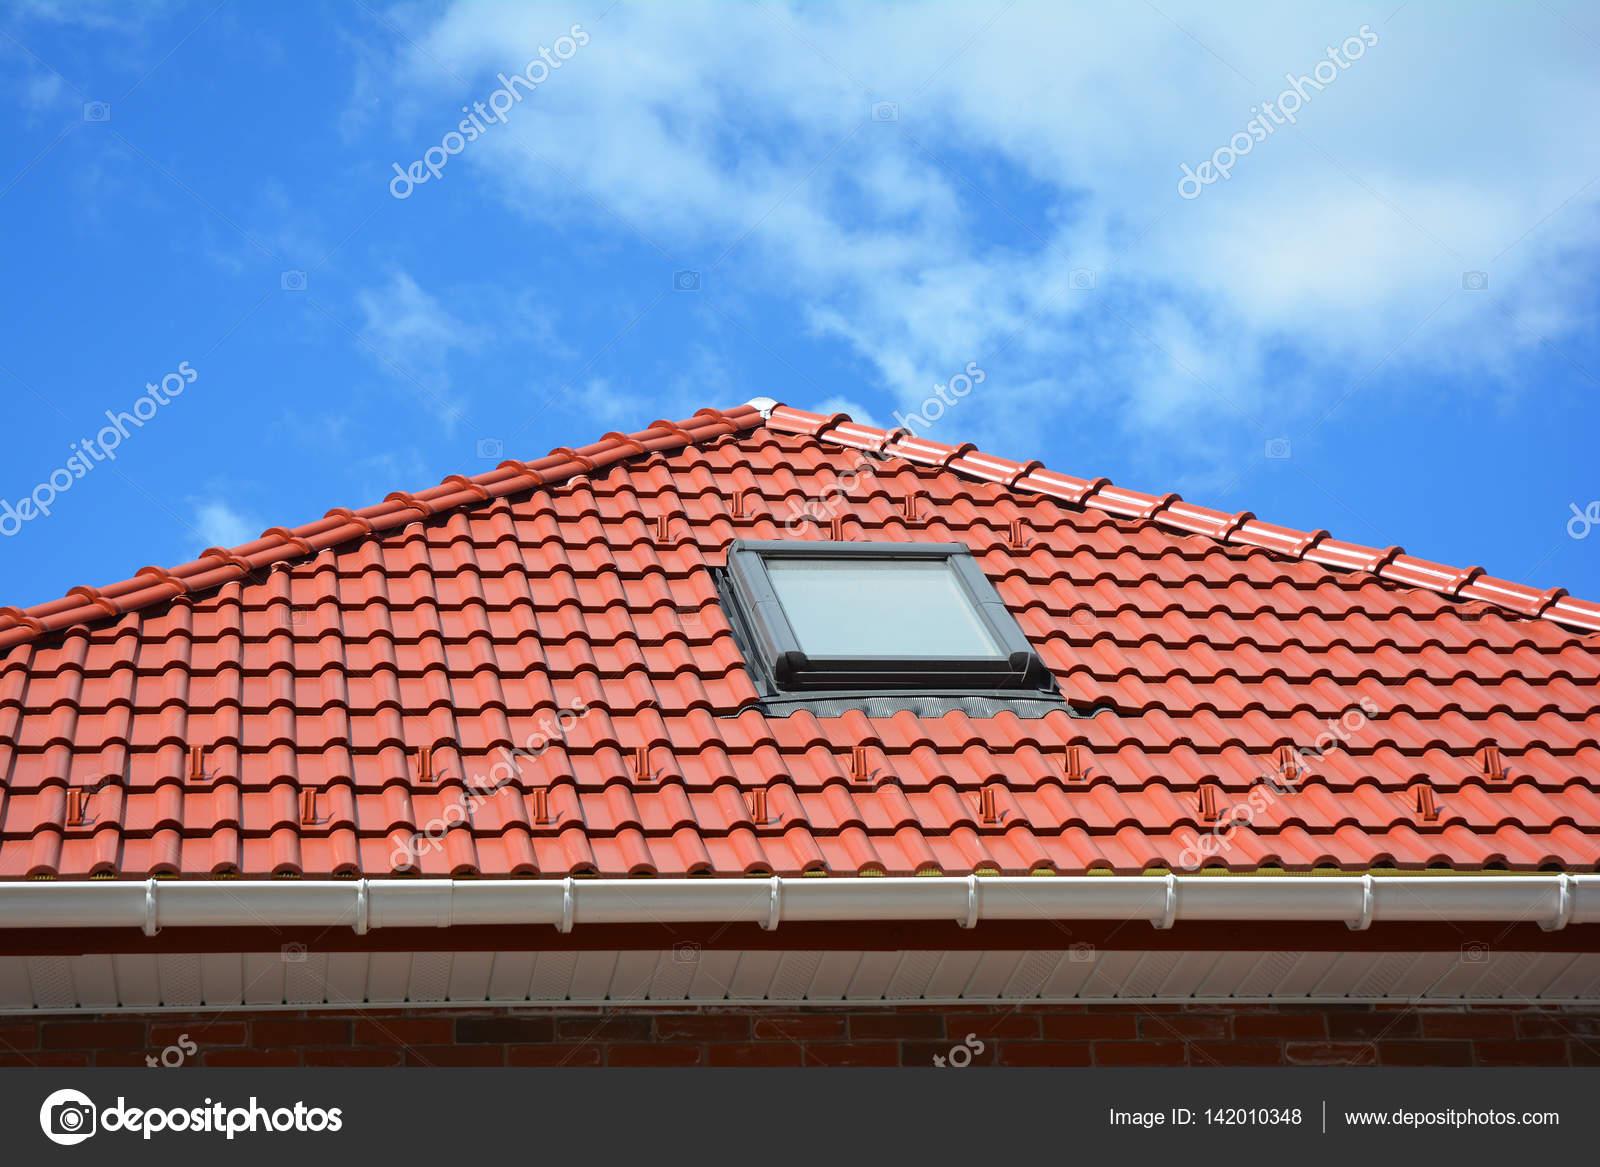 Lucernario su piastrelle di ceramica rossi tetto con grondaia di